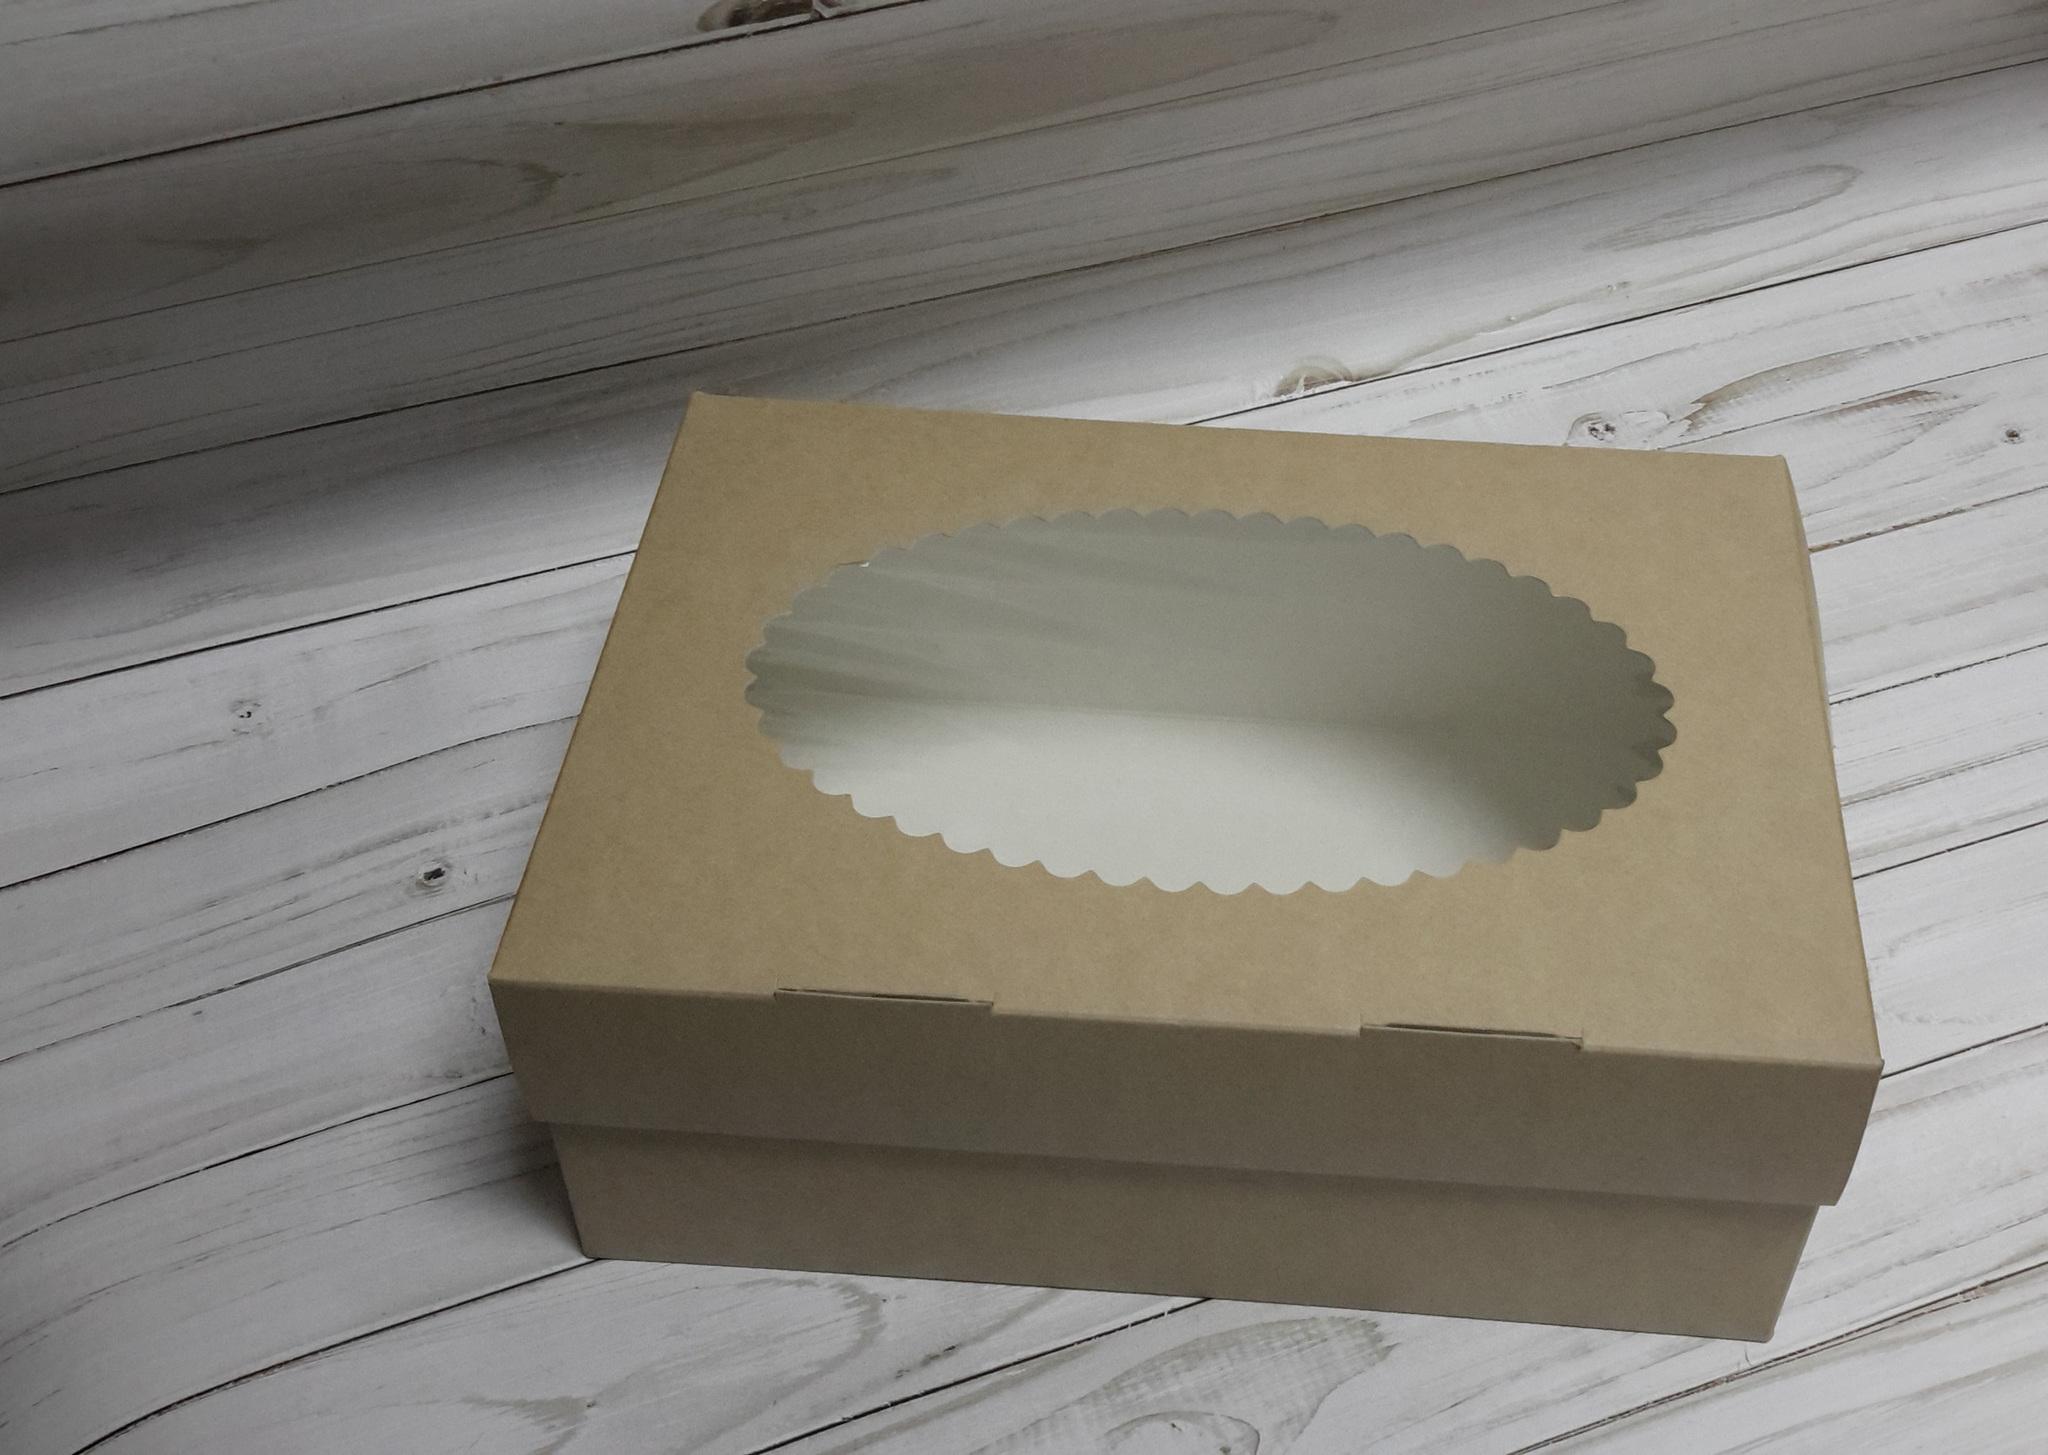 Коробка прямоугольная с окном, 17,5x15,5x10 см, крафт картон, 1 шт.